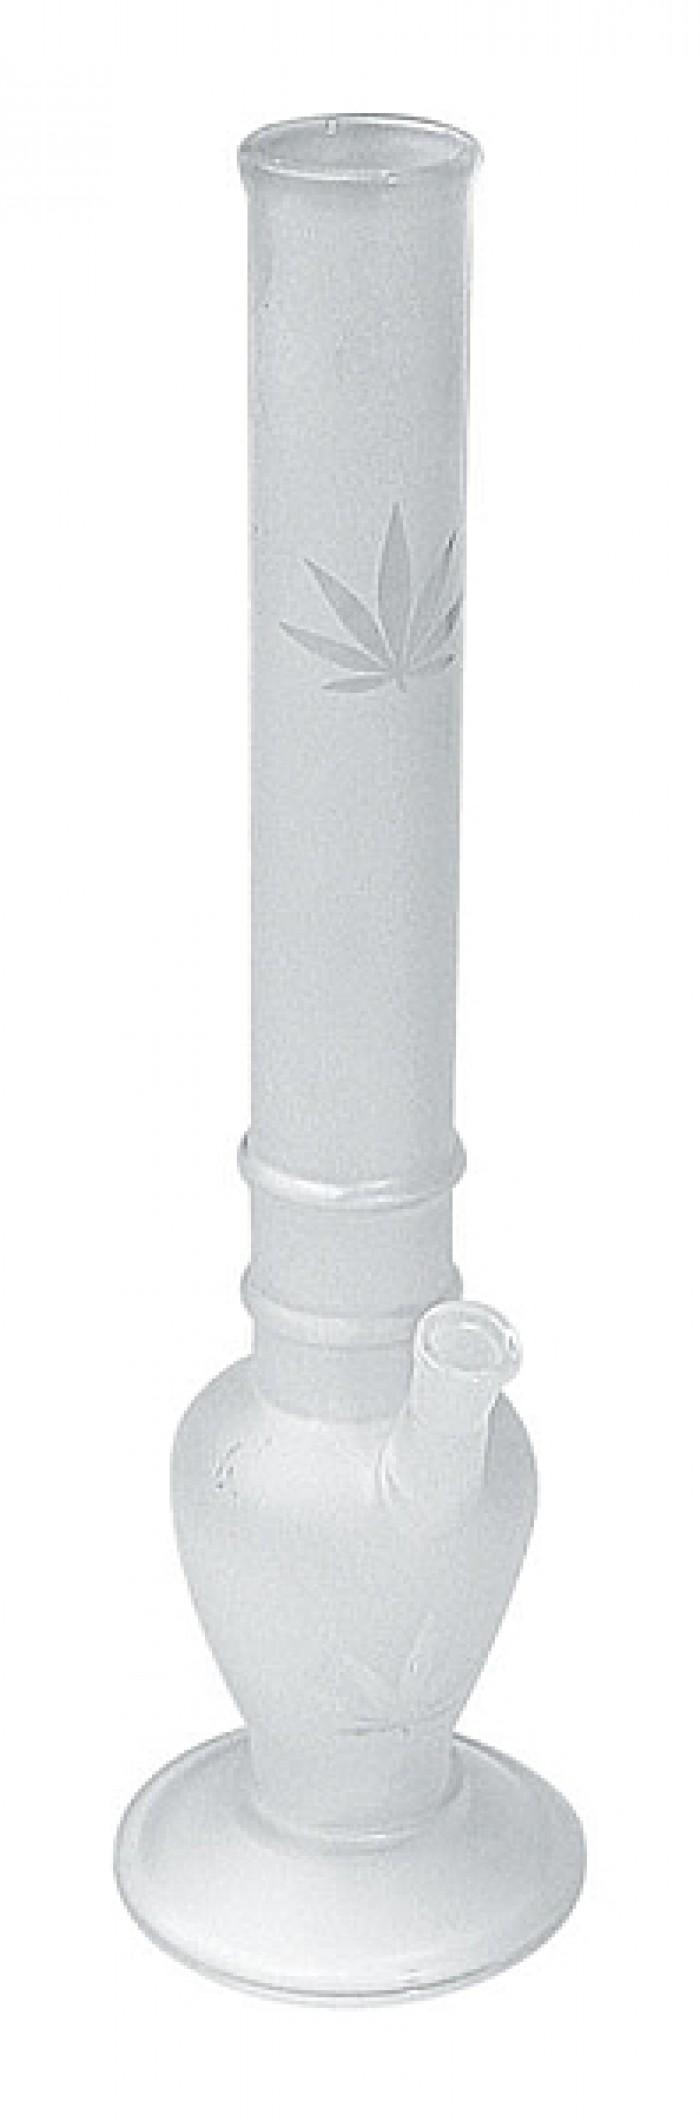 Bong Cristal Mate Hoja Marihuana 37.5cm